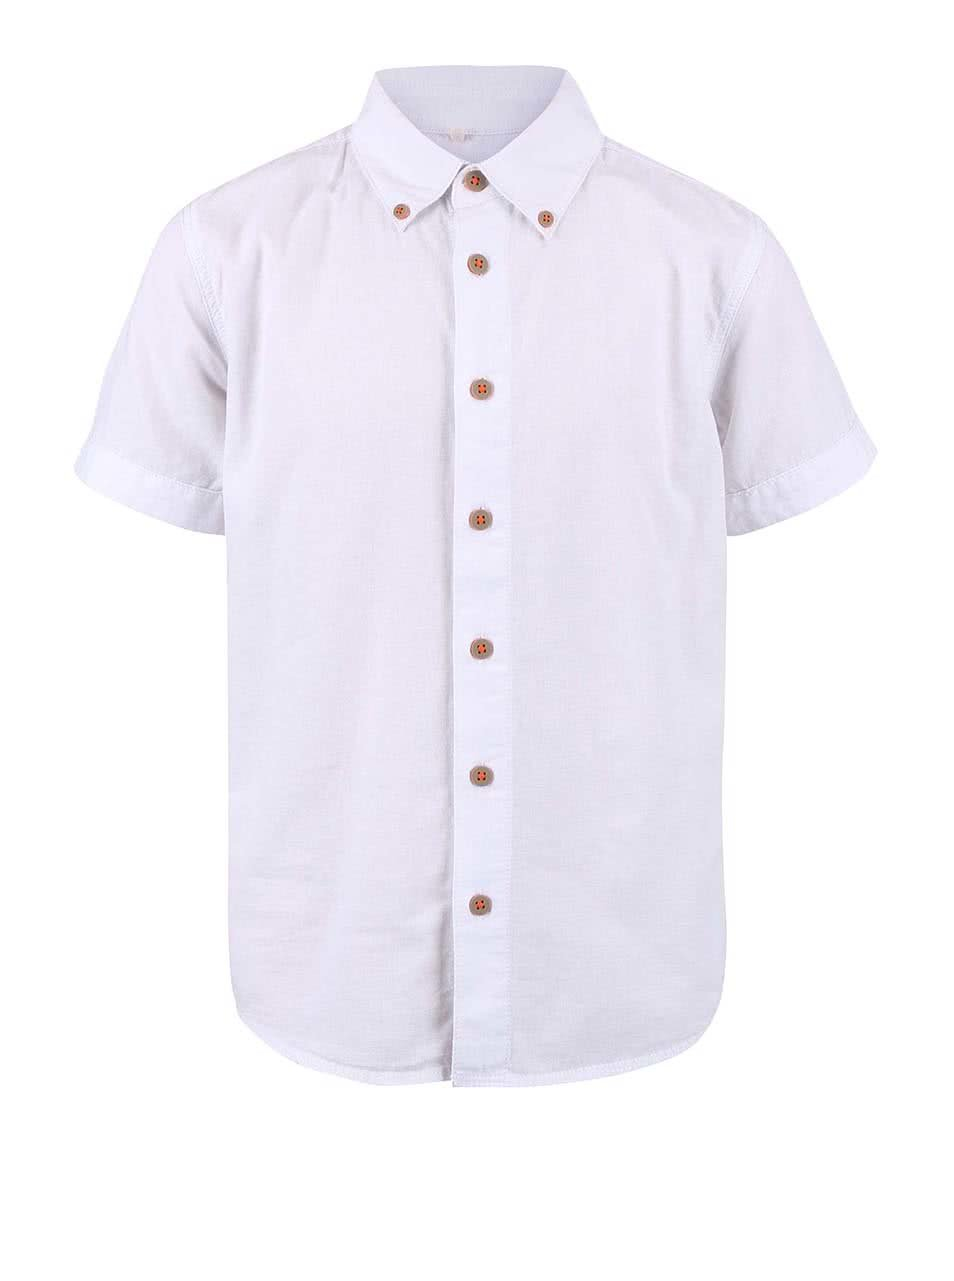 e7a2aff229cb Biela chlapčenská košeľa s krátkym rukávom name it Gerbert ...